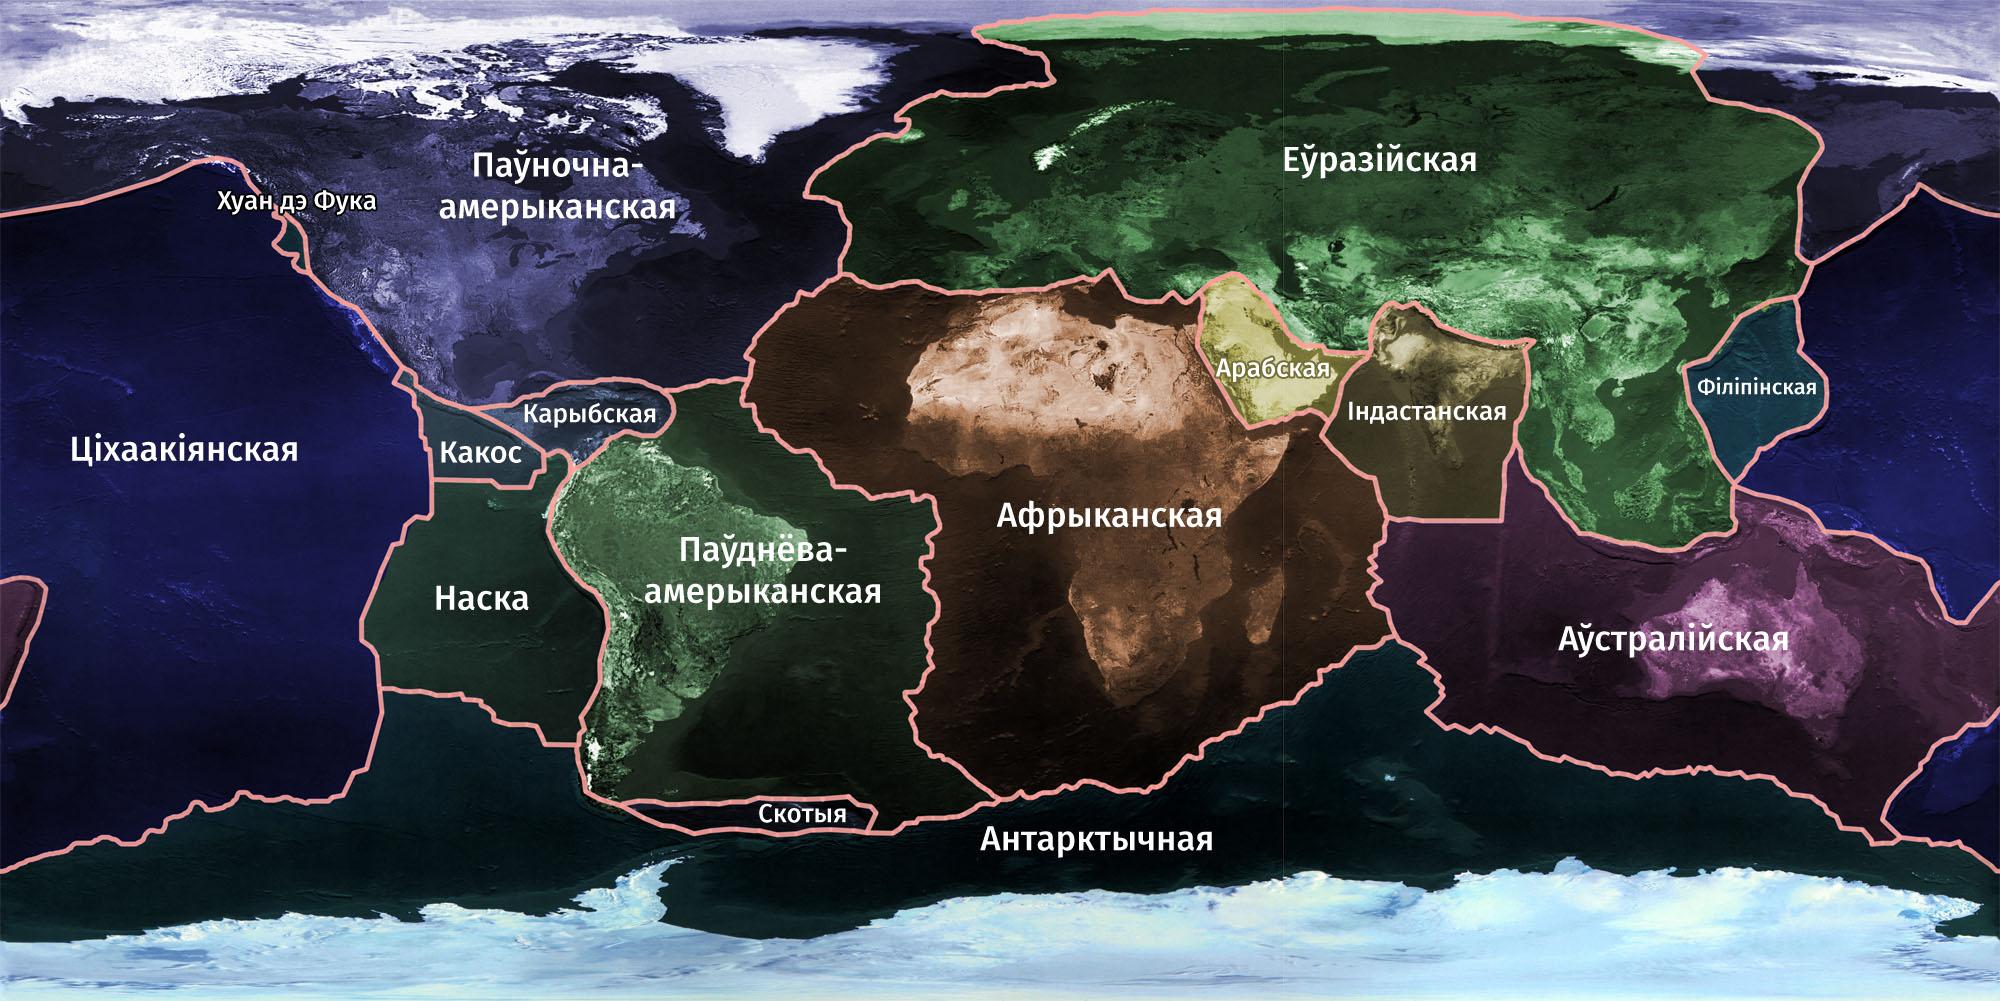 by66-iak-zluchany-rukh-plіt-ziamlі-z-zhytctcyom-na-planetce_02